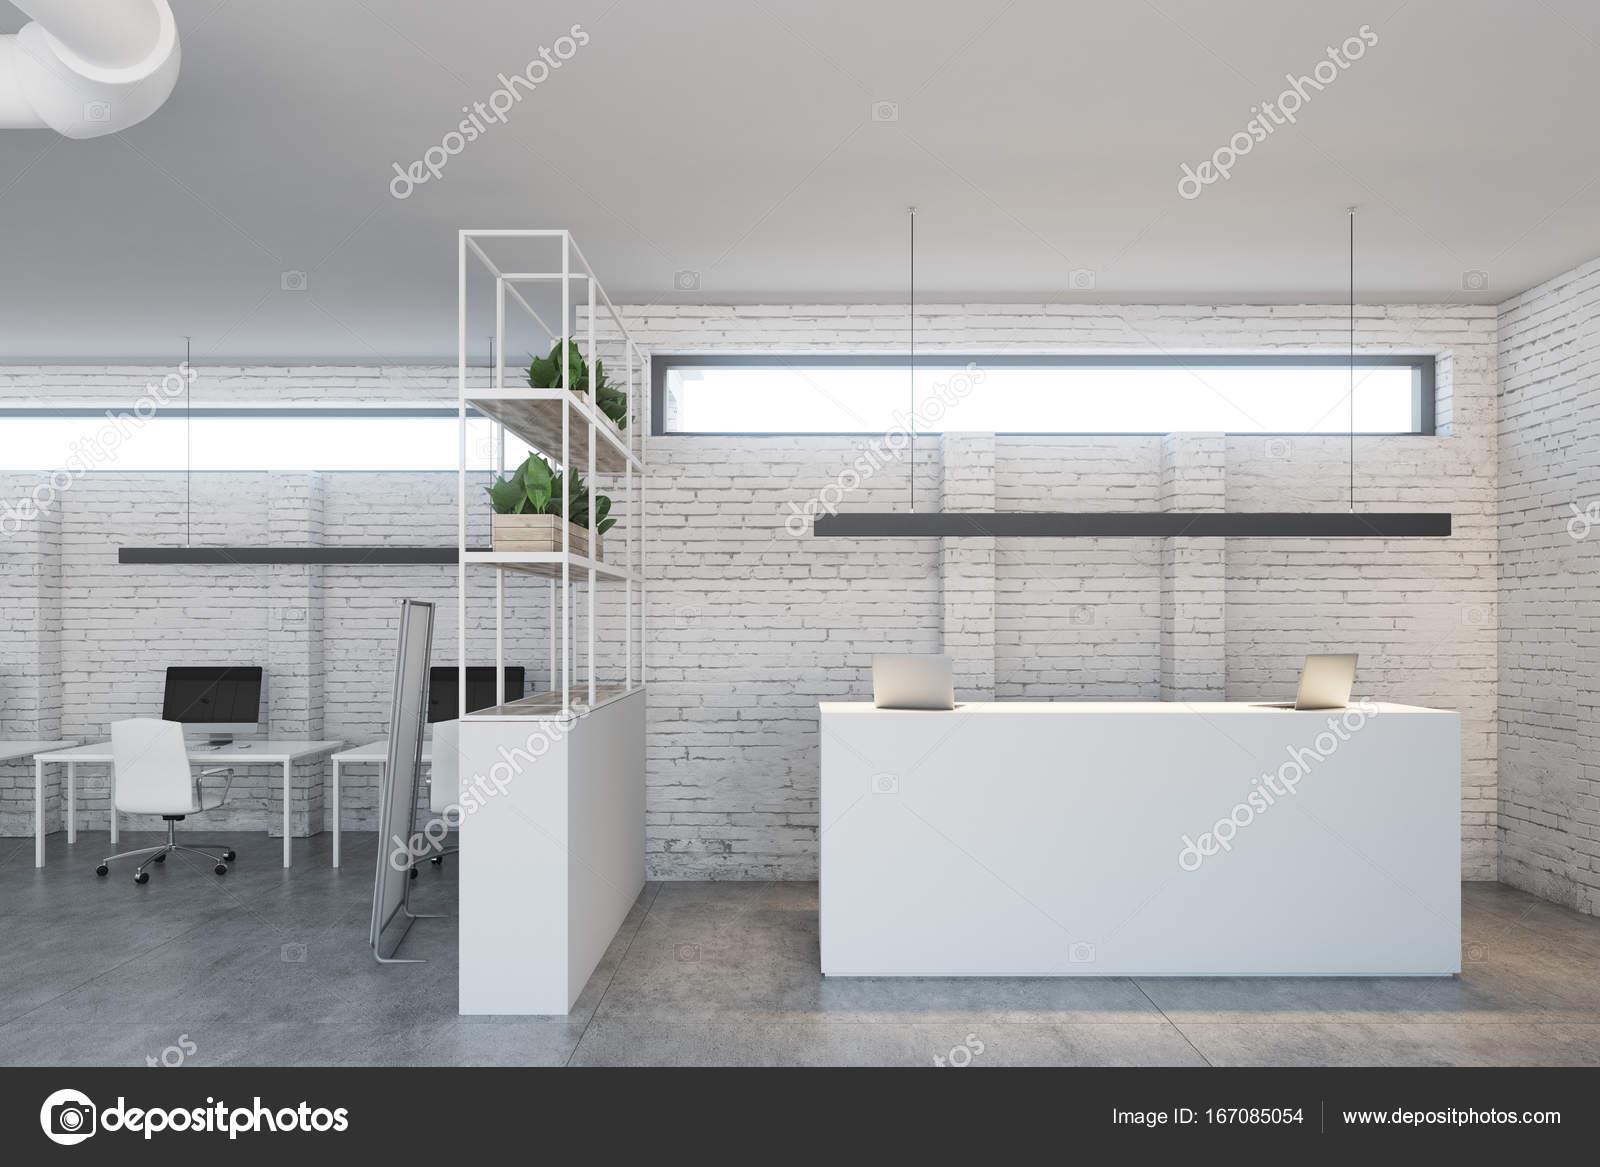 Reception Ufficio Bianco : Reception ufficio bianco bianco del mattone u foto stock